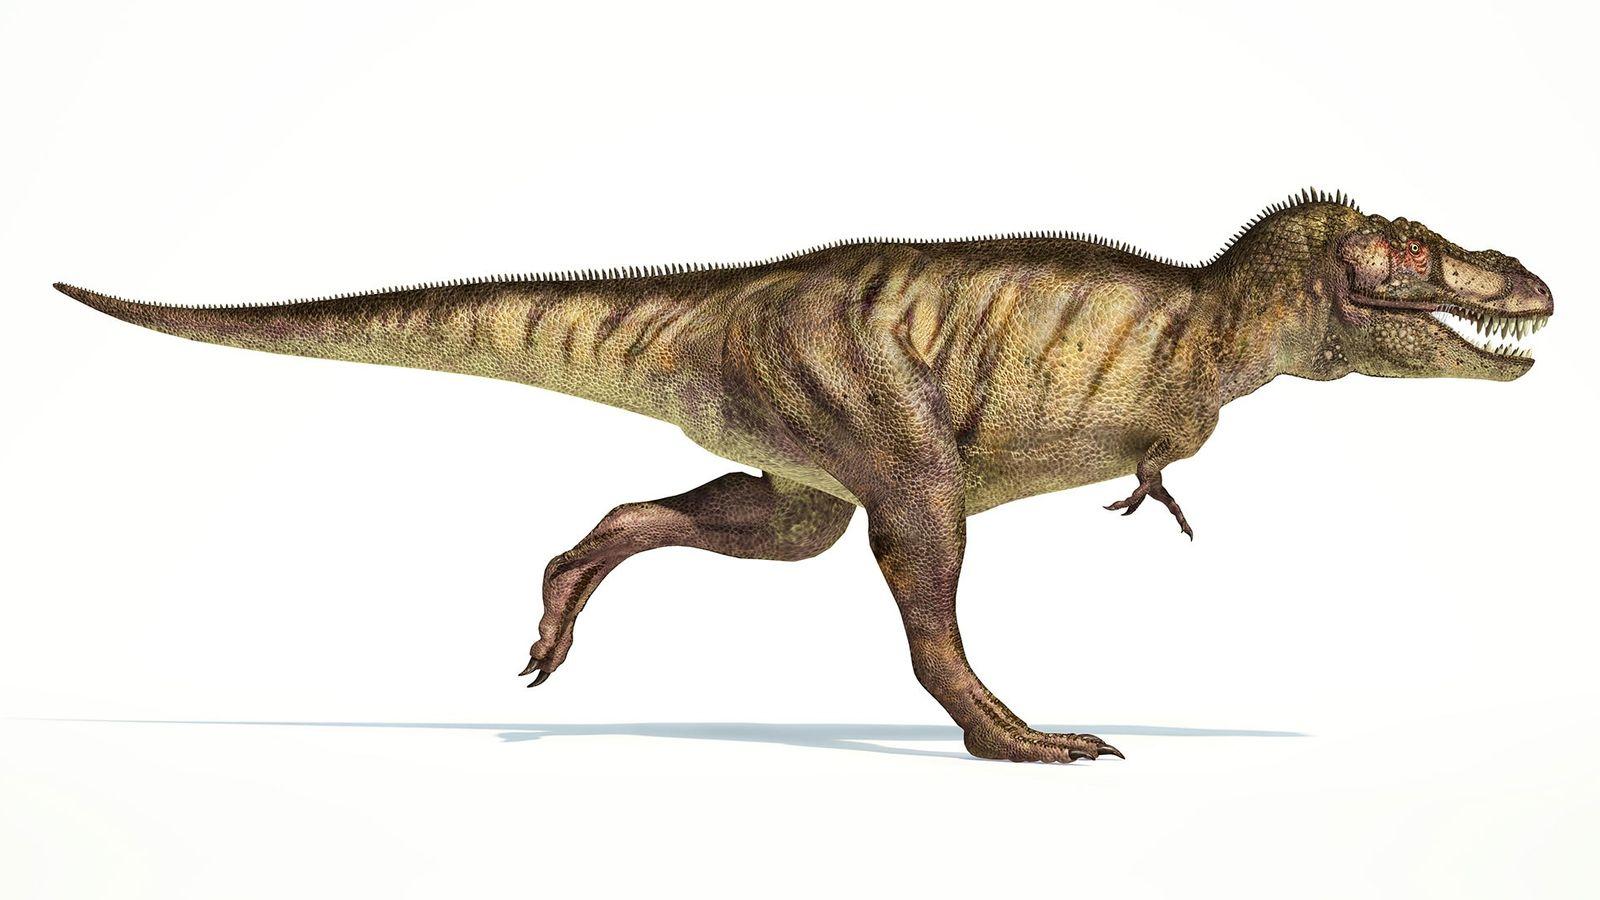 Ils semblent ridicules sur son corps immense, mais les bras du Tyrannosaurus Rex, longs d'1m, auraient ...